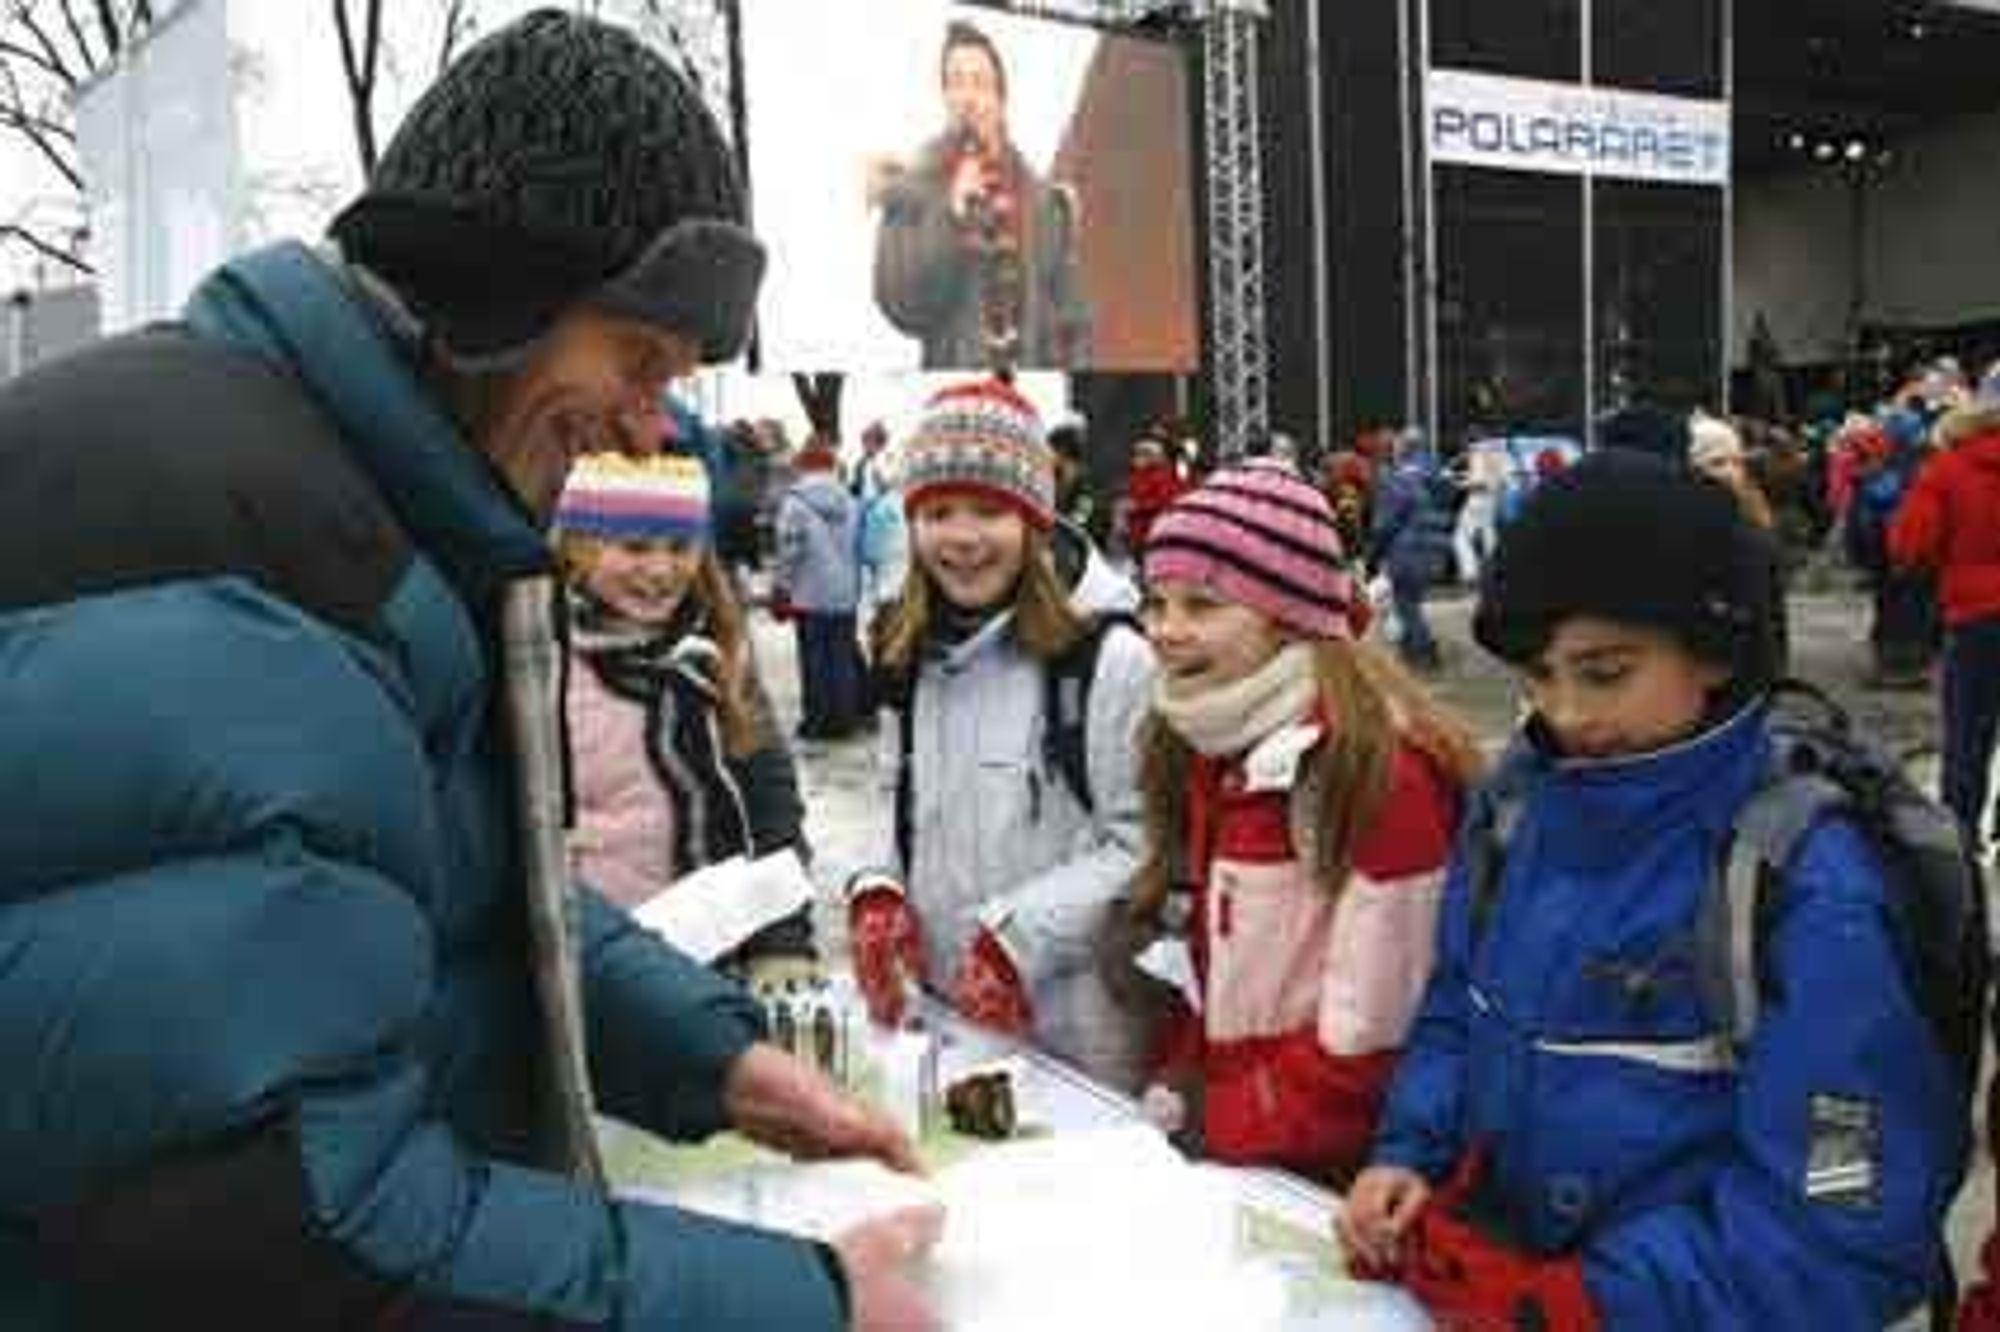 VELLYKKET: - Dette var moro, fastslår prosjektleder Eiliv Larsen. Her med interesserte unger under åpningen av Polaråret.